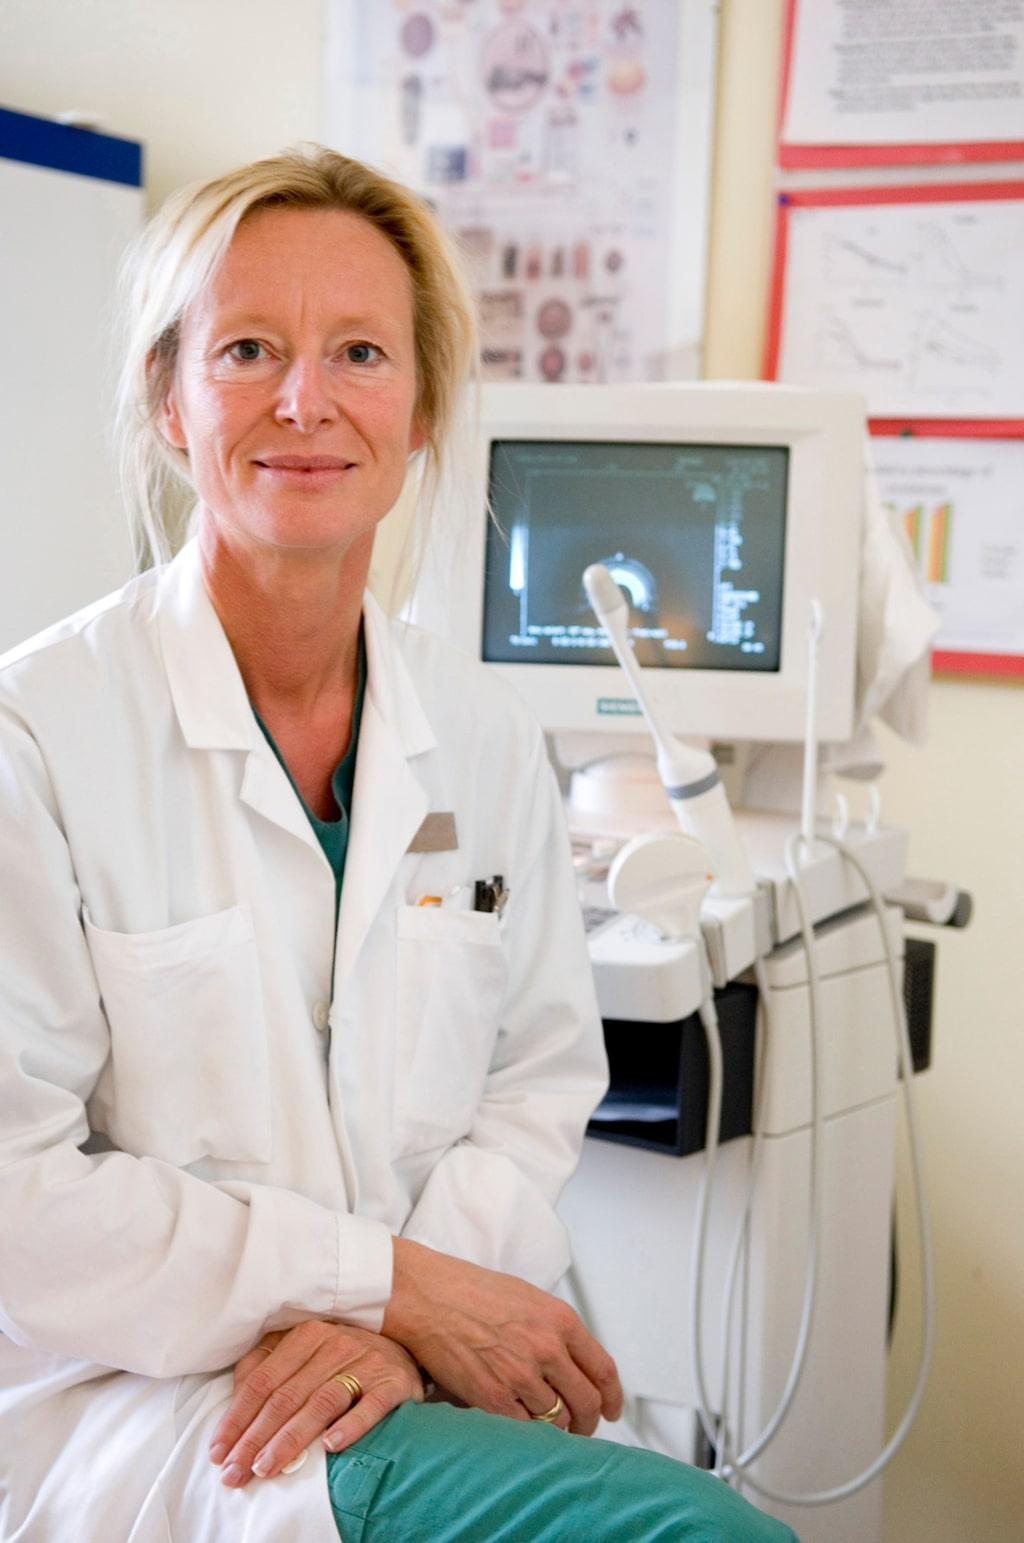 Forskaren och gynekologen Kristina Gemzell Danielsson är ansvarig för studien i Sverige.